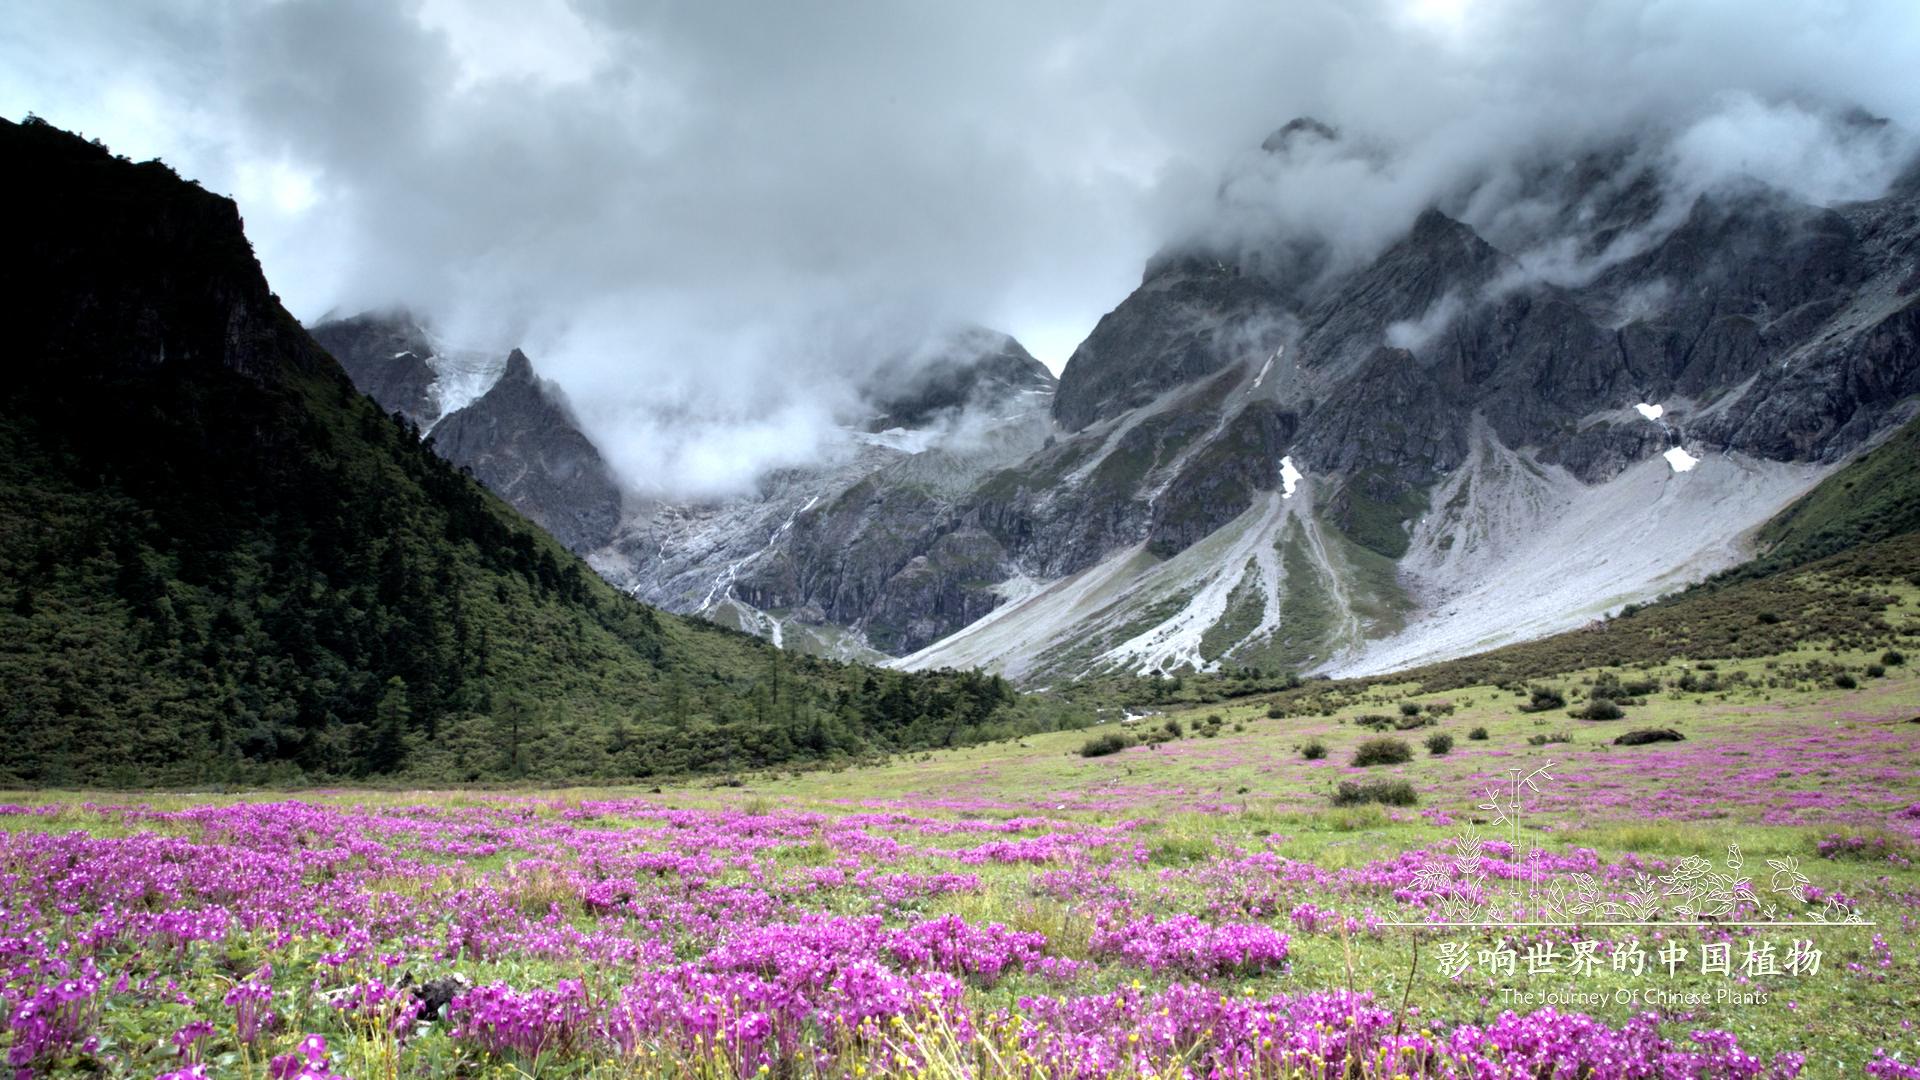 《影响世界的中国植物》美到让你重新认识大自然 豆瓣8.9的照片 - 5